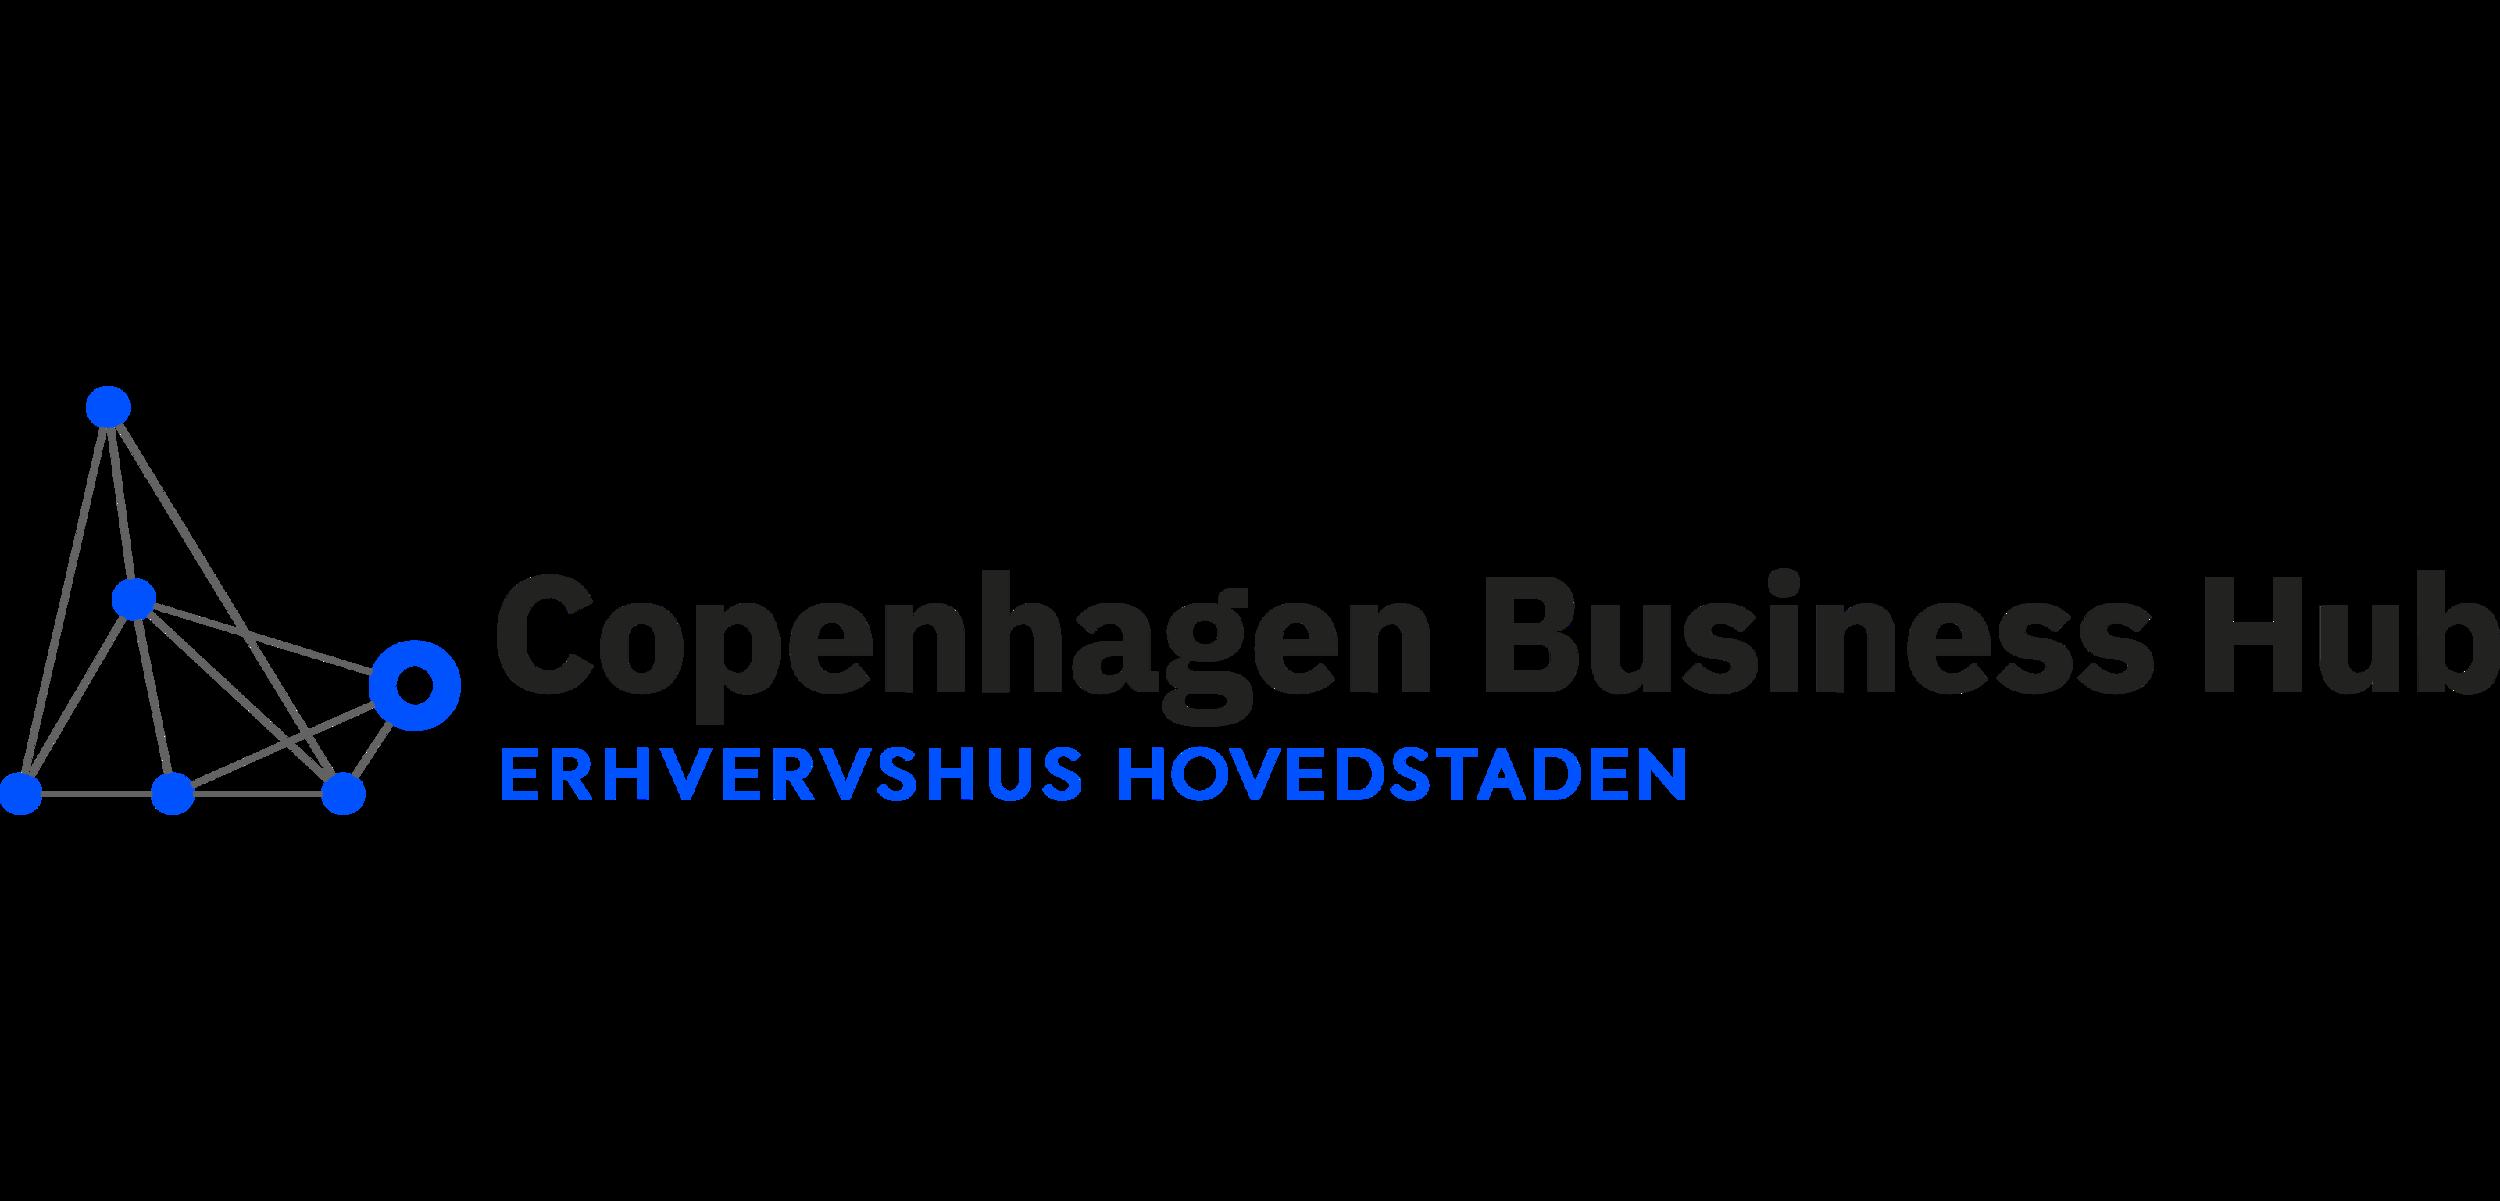 Copenhagen Business Hub.png